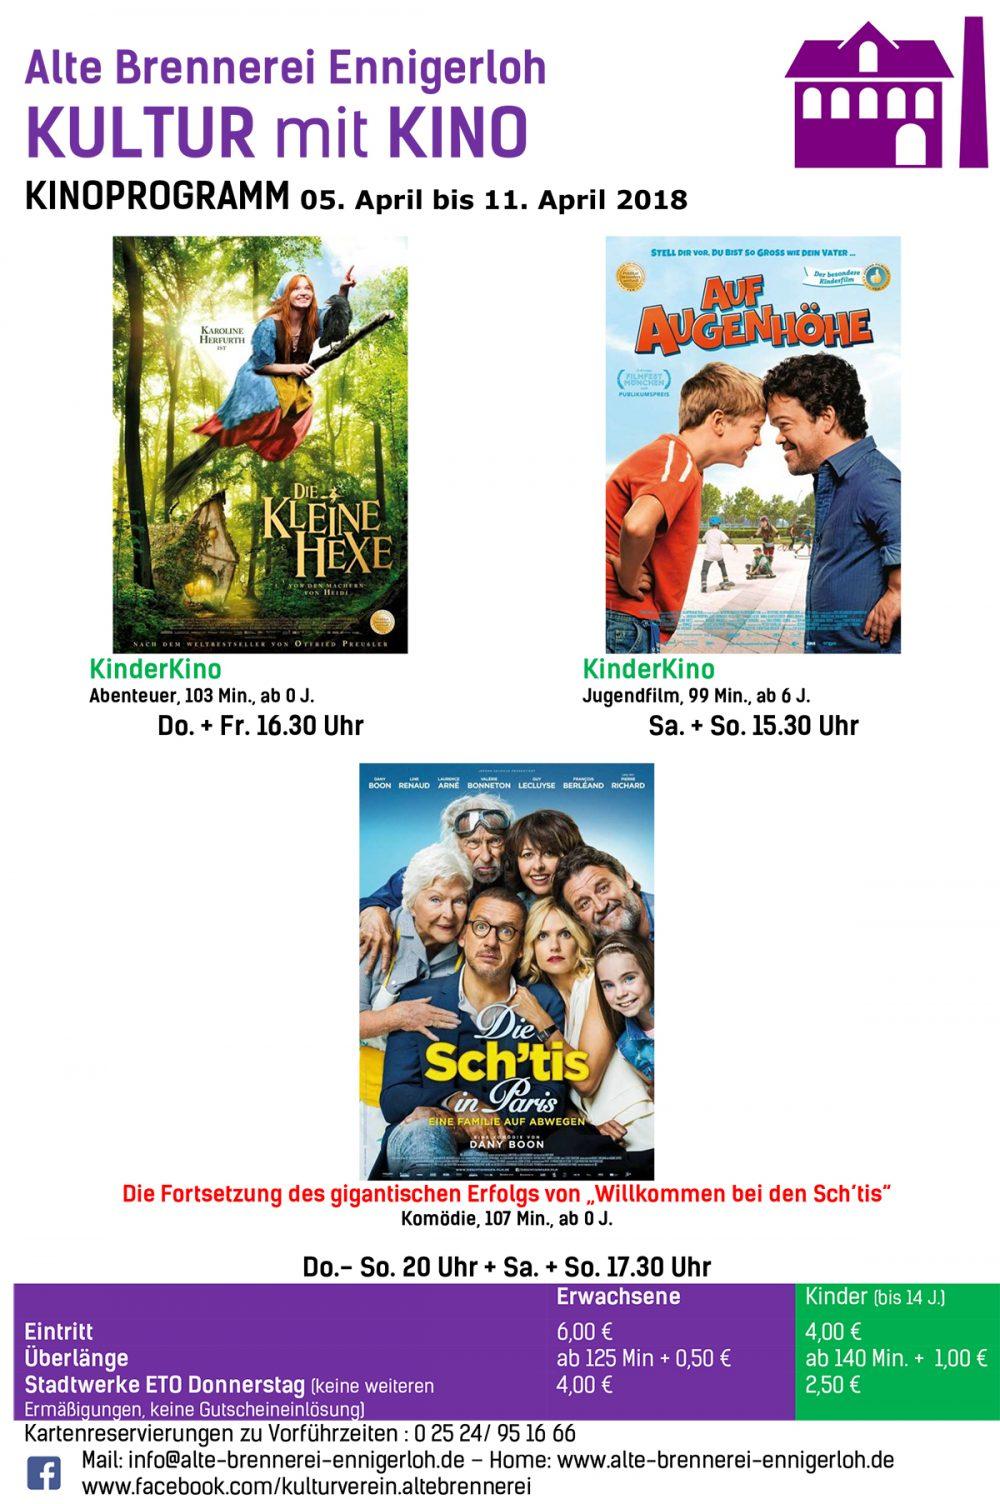 Kinoprogramm April